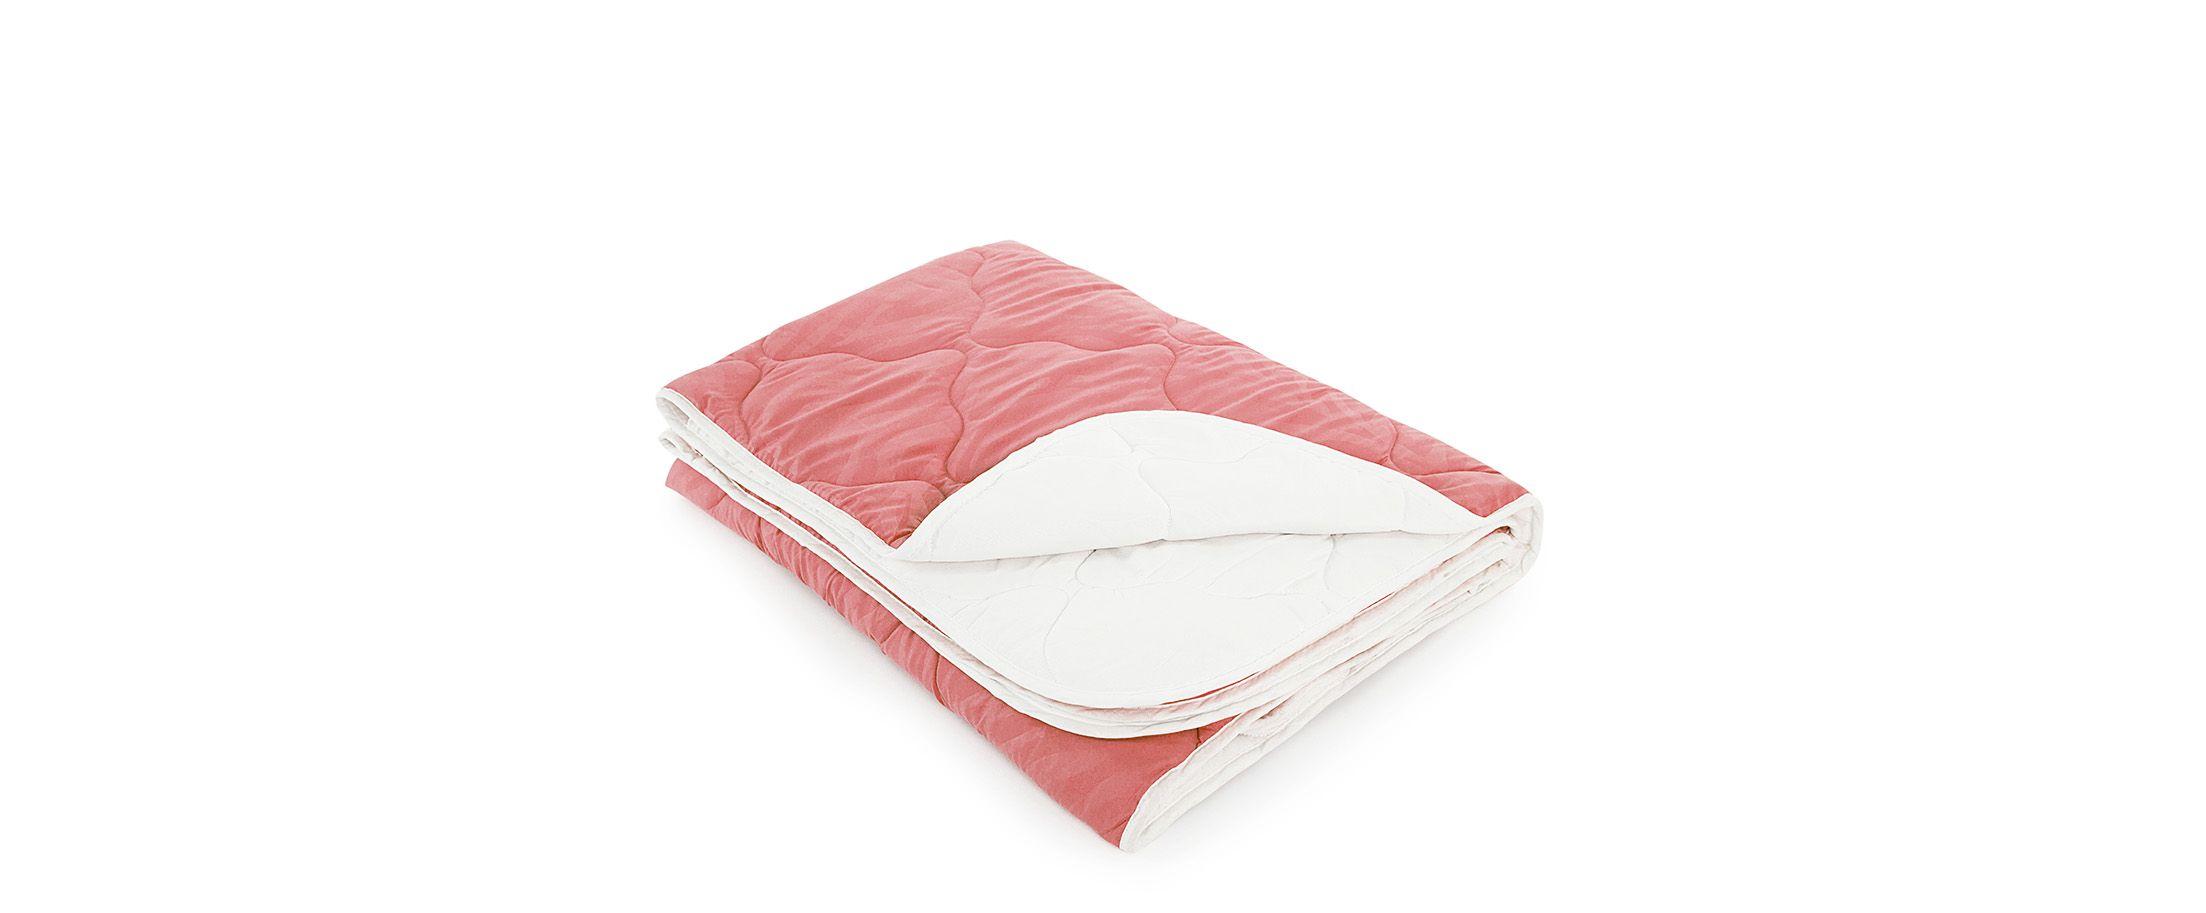 Одеяло «Для тебя» 172х205 розового цвета Модель 4004Одеяло «Для тебя» 172х205 розового цвета Модель 4004. Артикул К000735